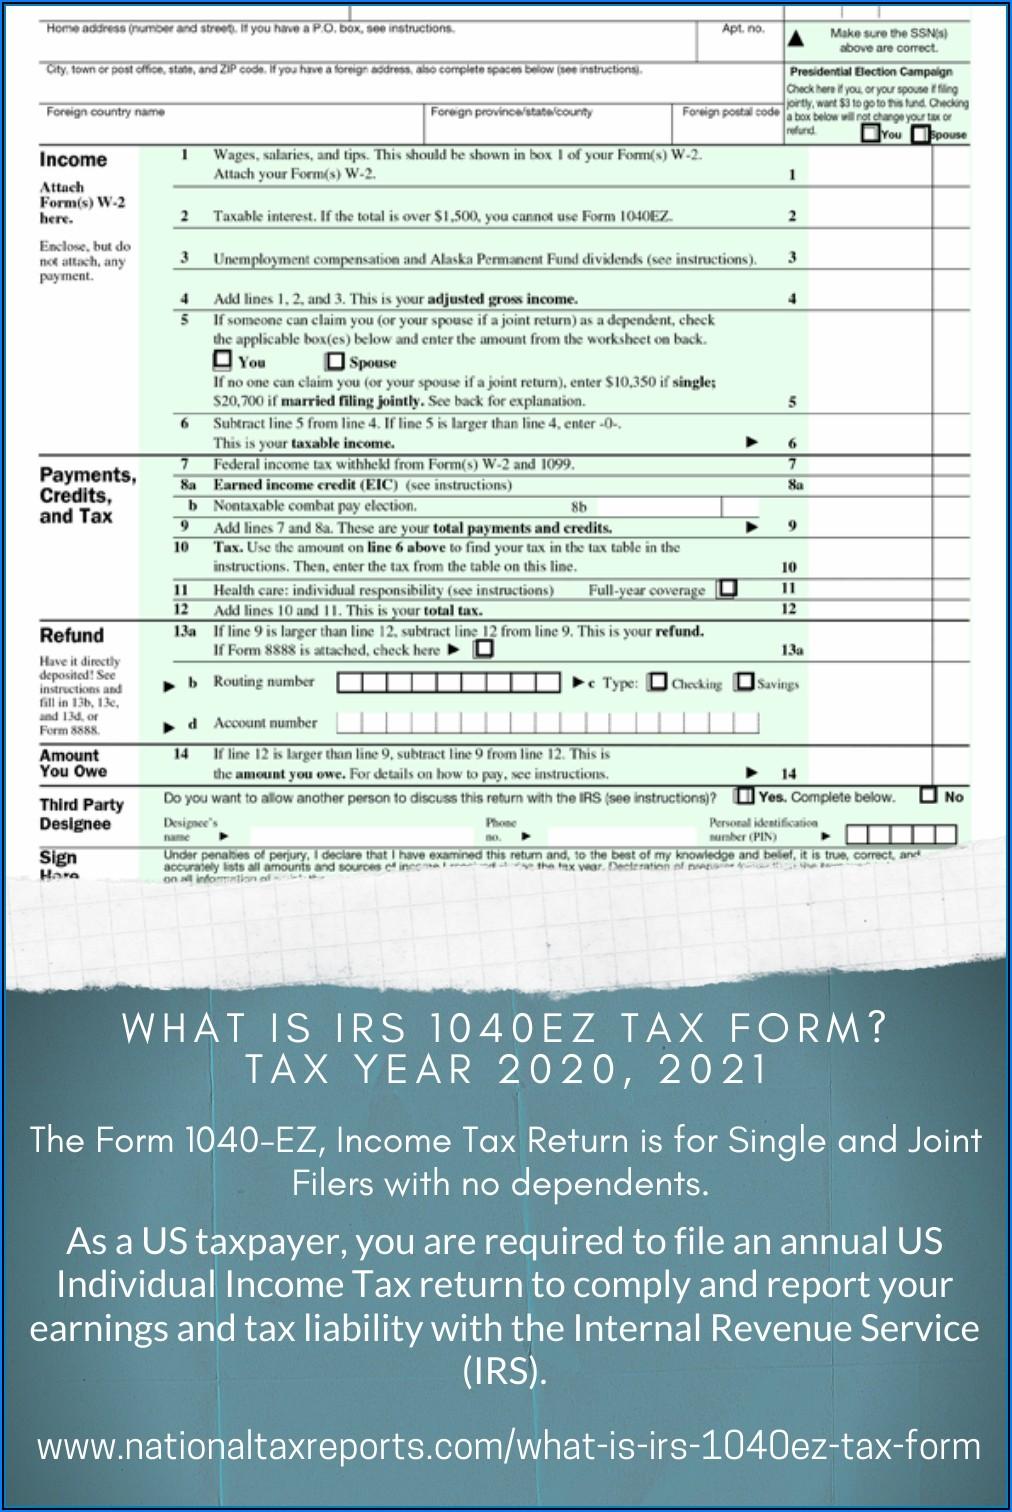 Irs 1040ez 2020 Tax Form